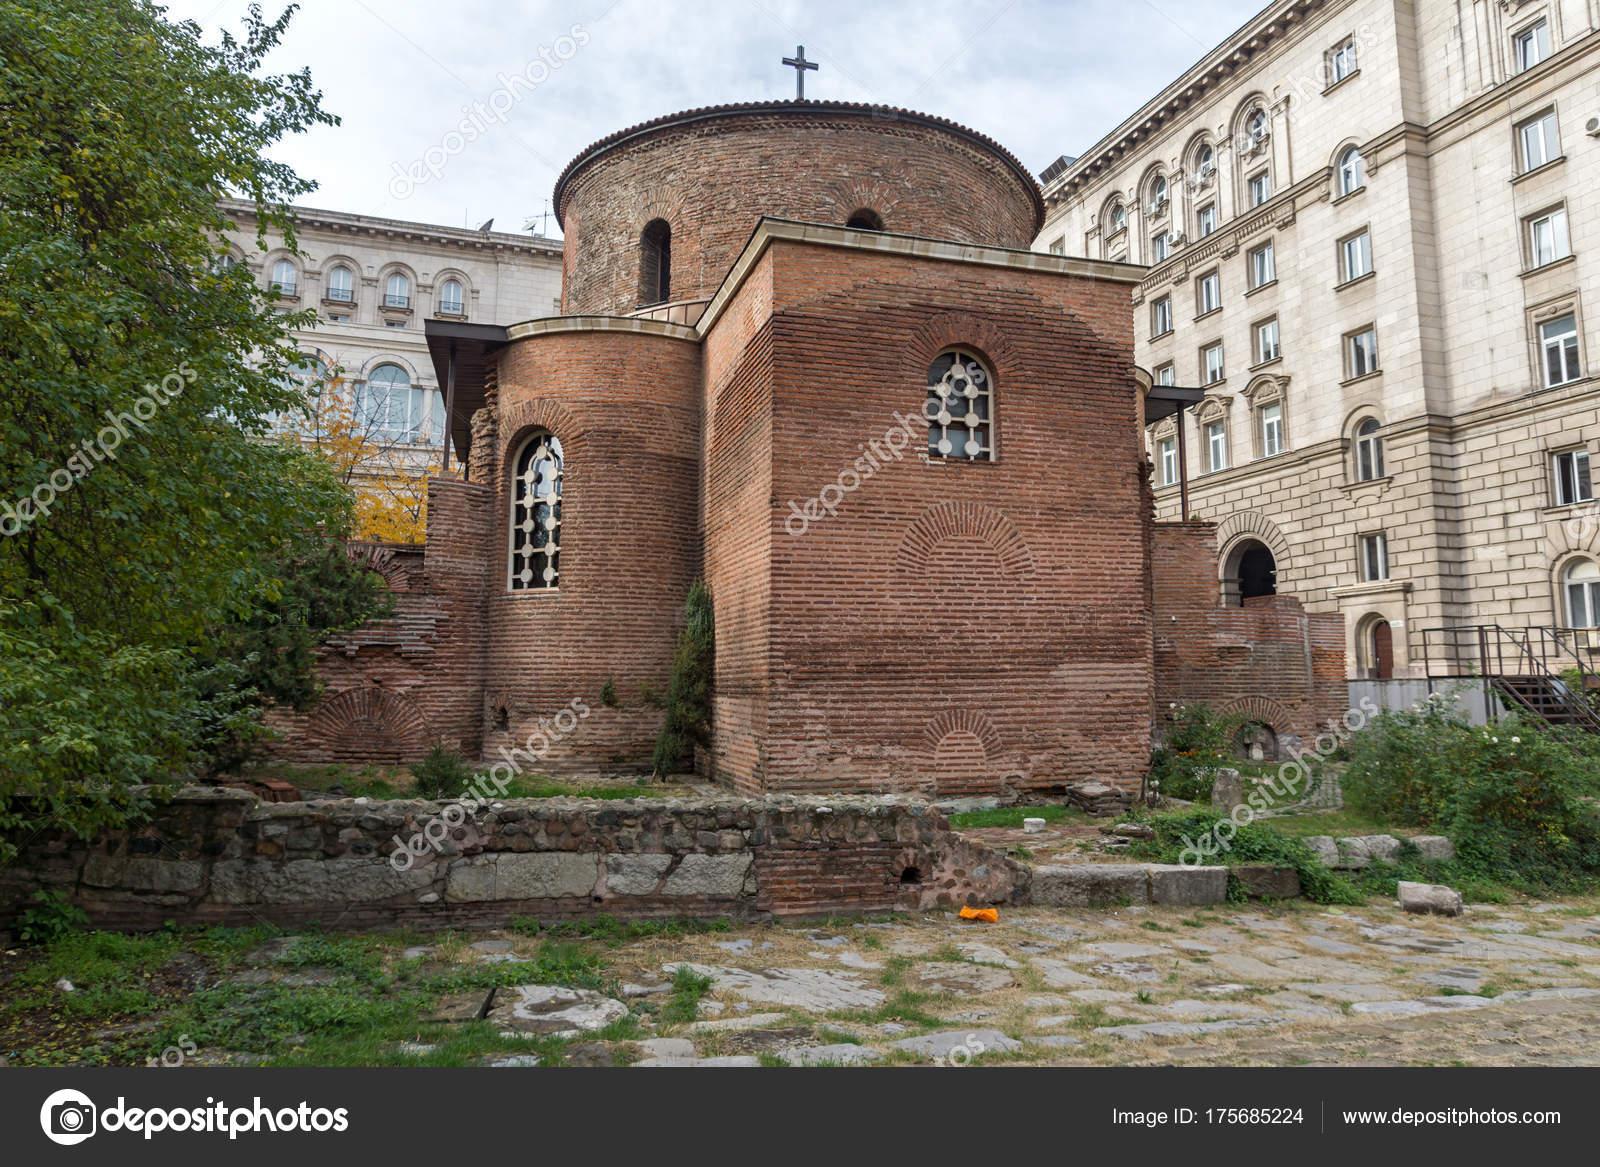 Фотография церкви святого георгия в болгарии